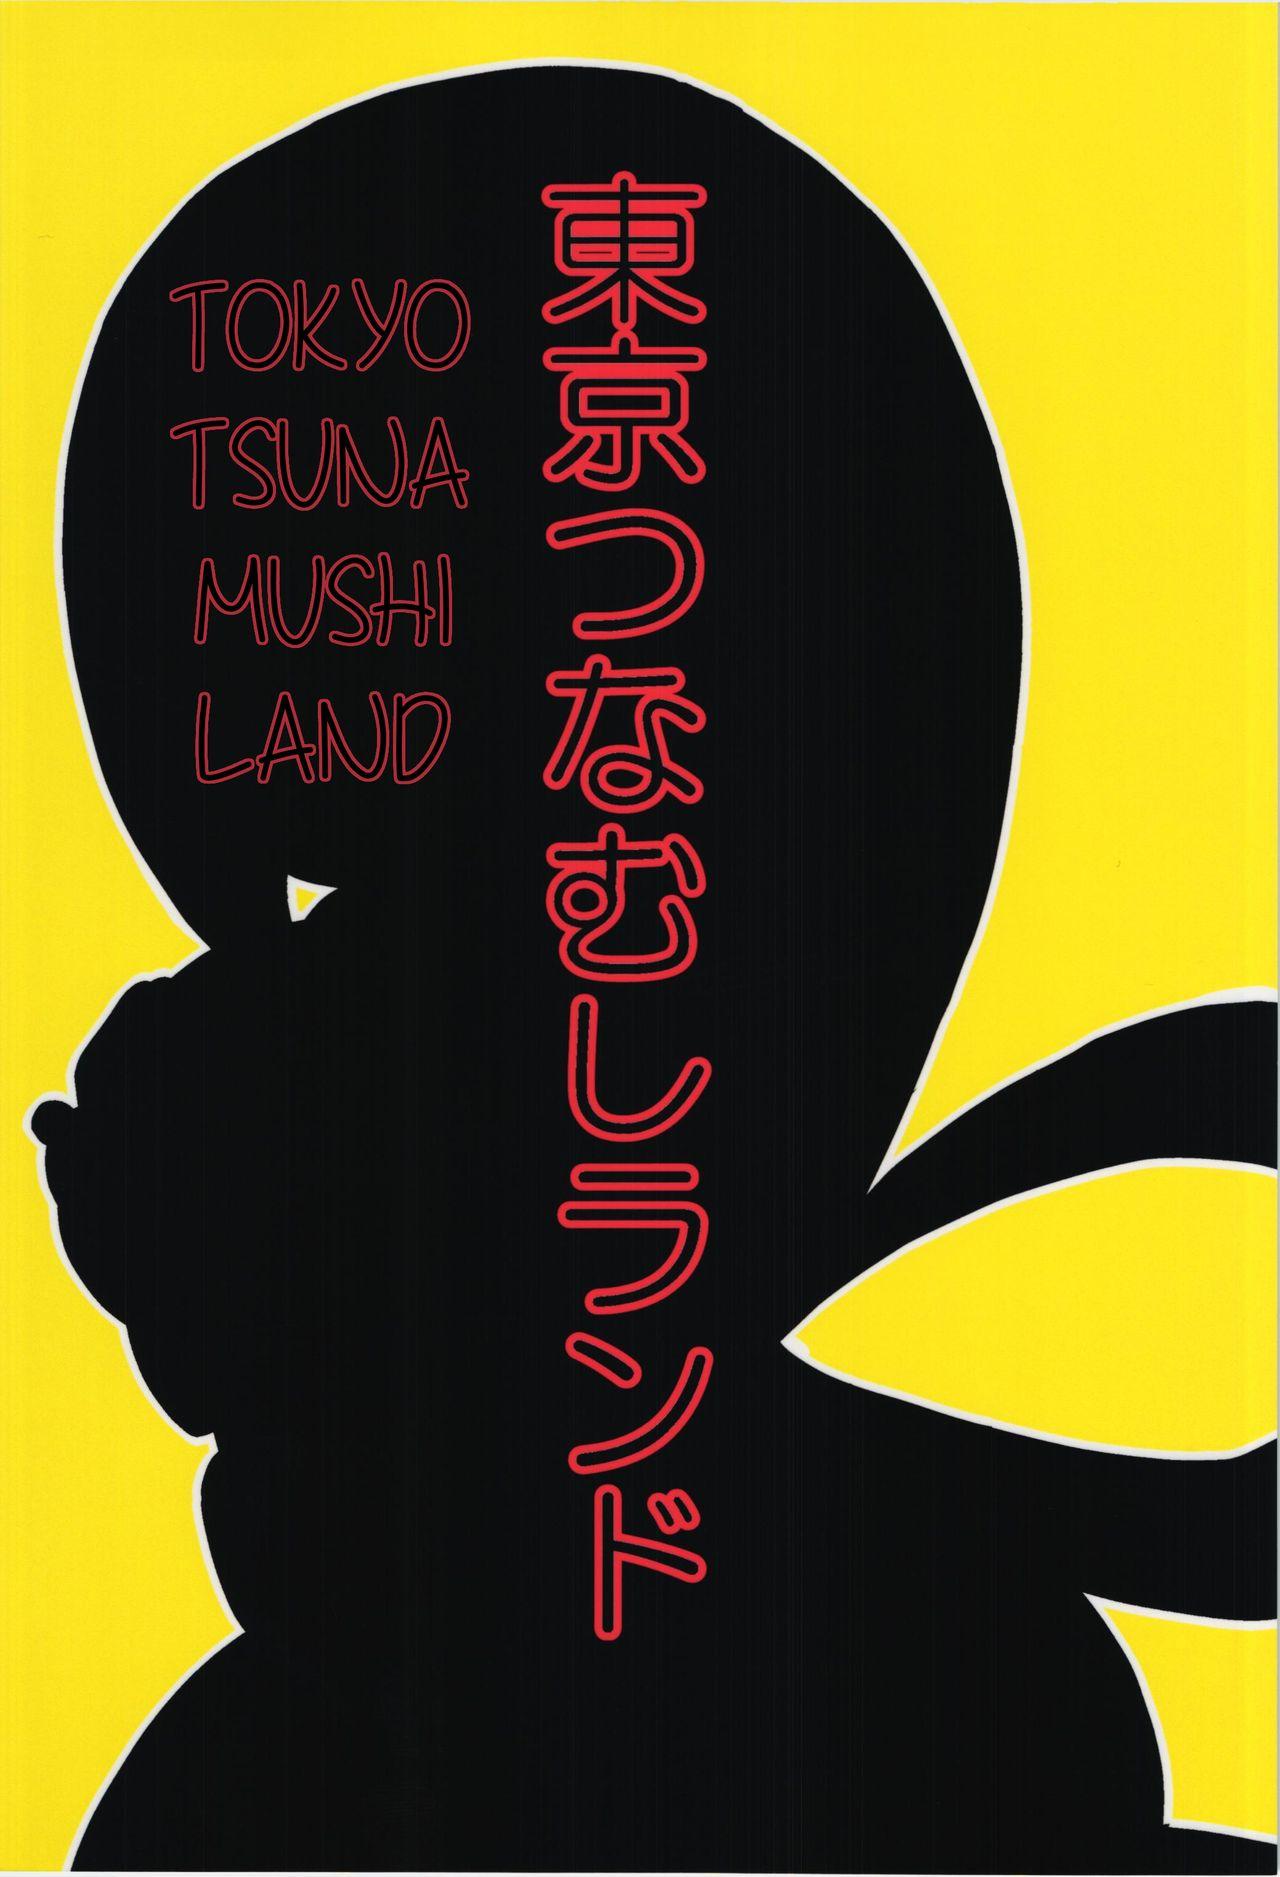 Tsuyu Chan To Ganbare Tte Kanji No Dex Tsuyu And Some Do Your Best Dekx 02